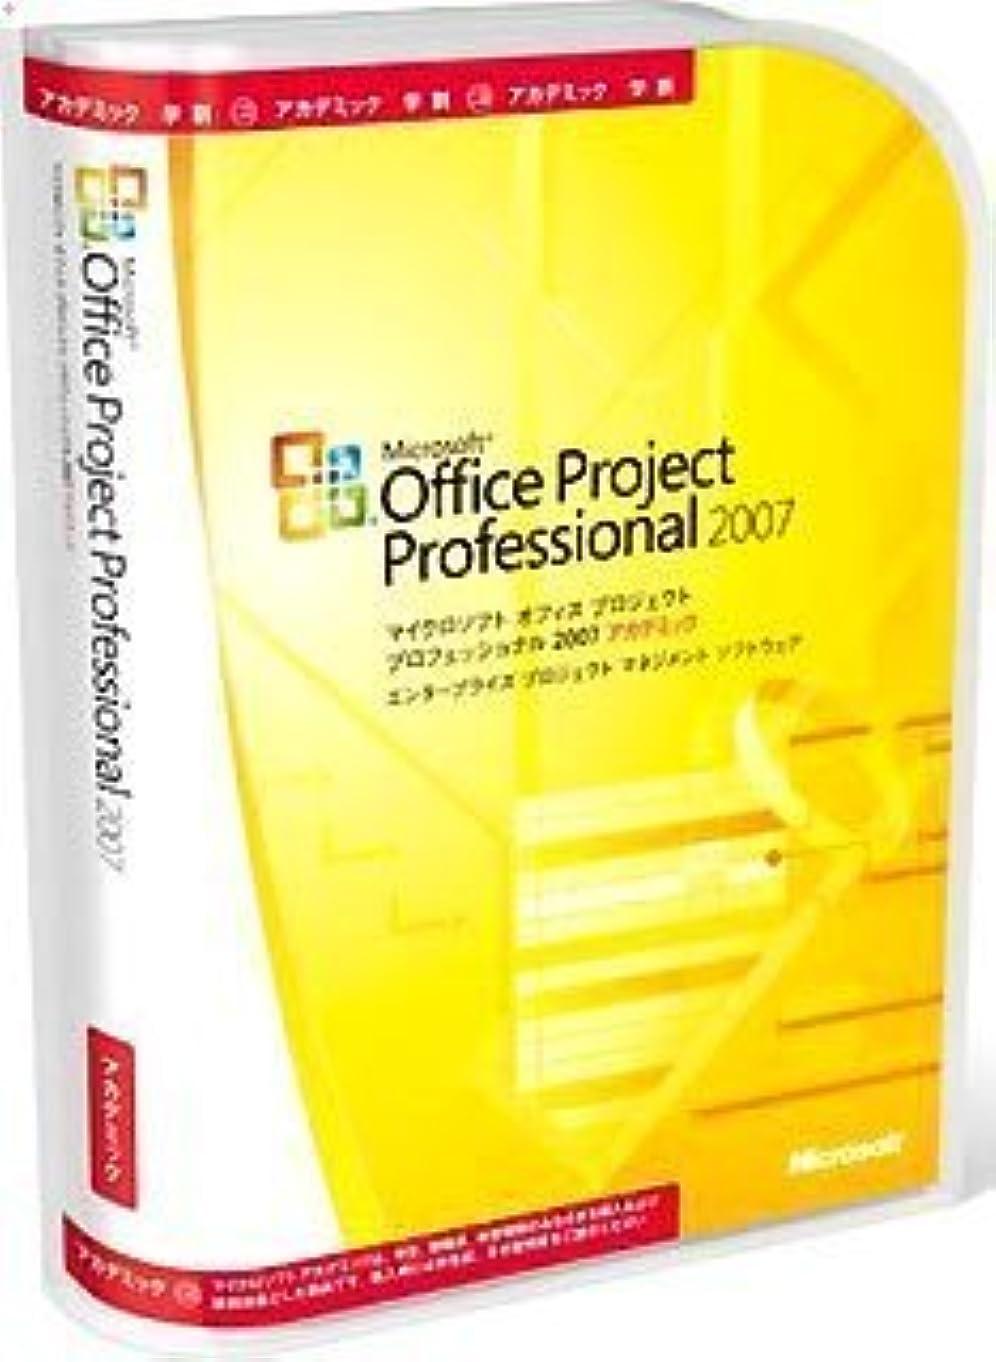 左膿瘍不良【旧商品/メーカー出荷終了/サポート終了】Microsoft Office Project Professional 2007 アカデミック